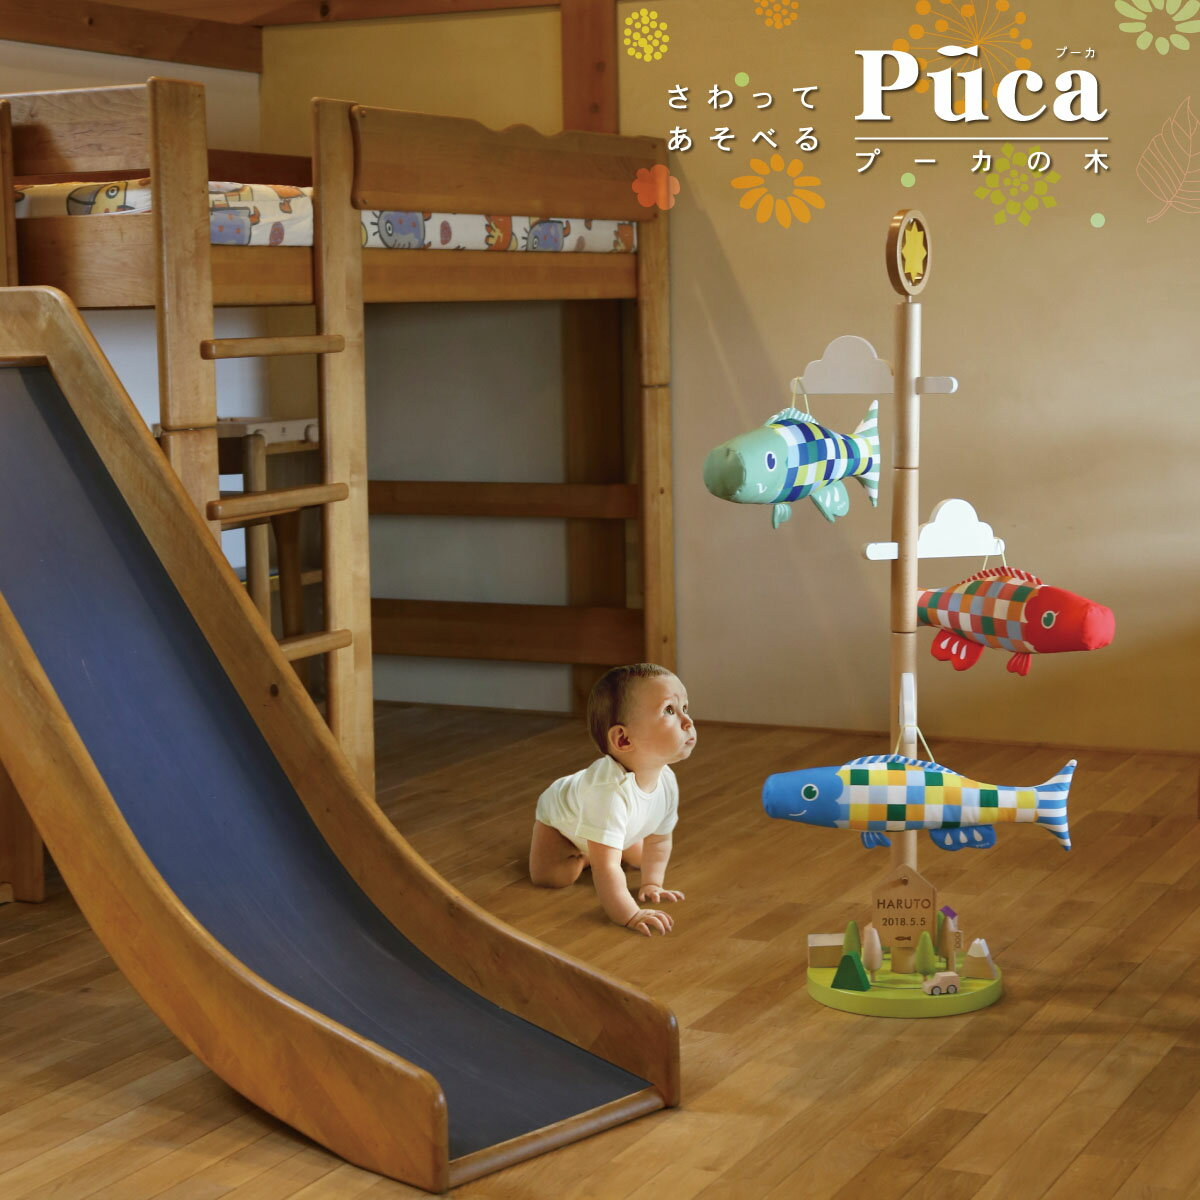 室内用鯉のぼり さわってあそべる プーカの木 (木製スタンド&積み木付き) KOI-T-620-111 屋内 室内用 こいのぼり 木製 積木 おもちゃ 徳永鯉のぼり